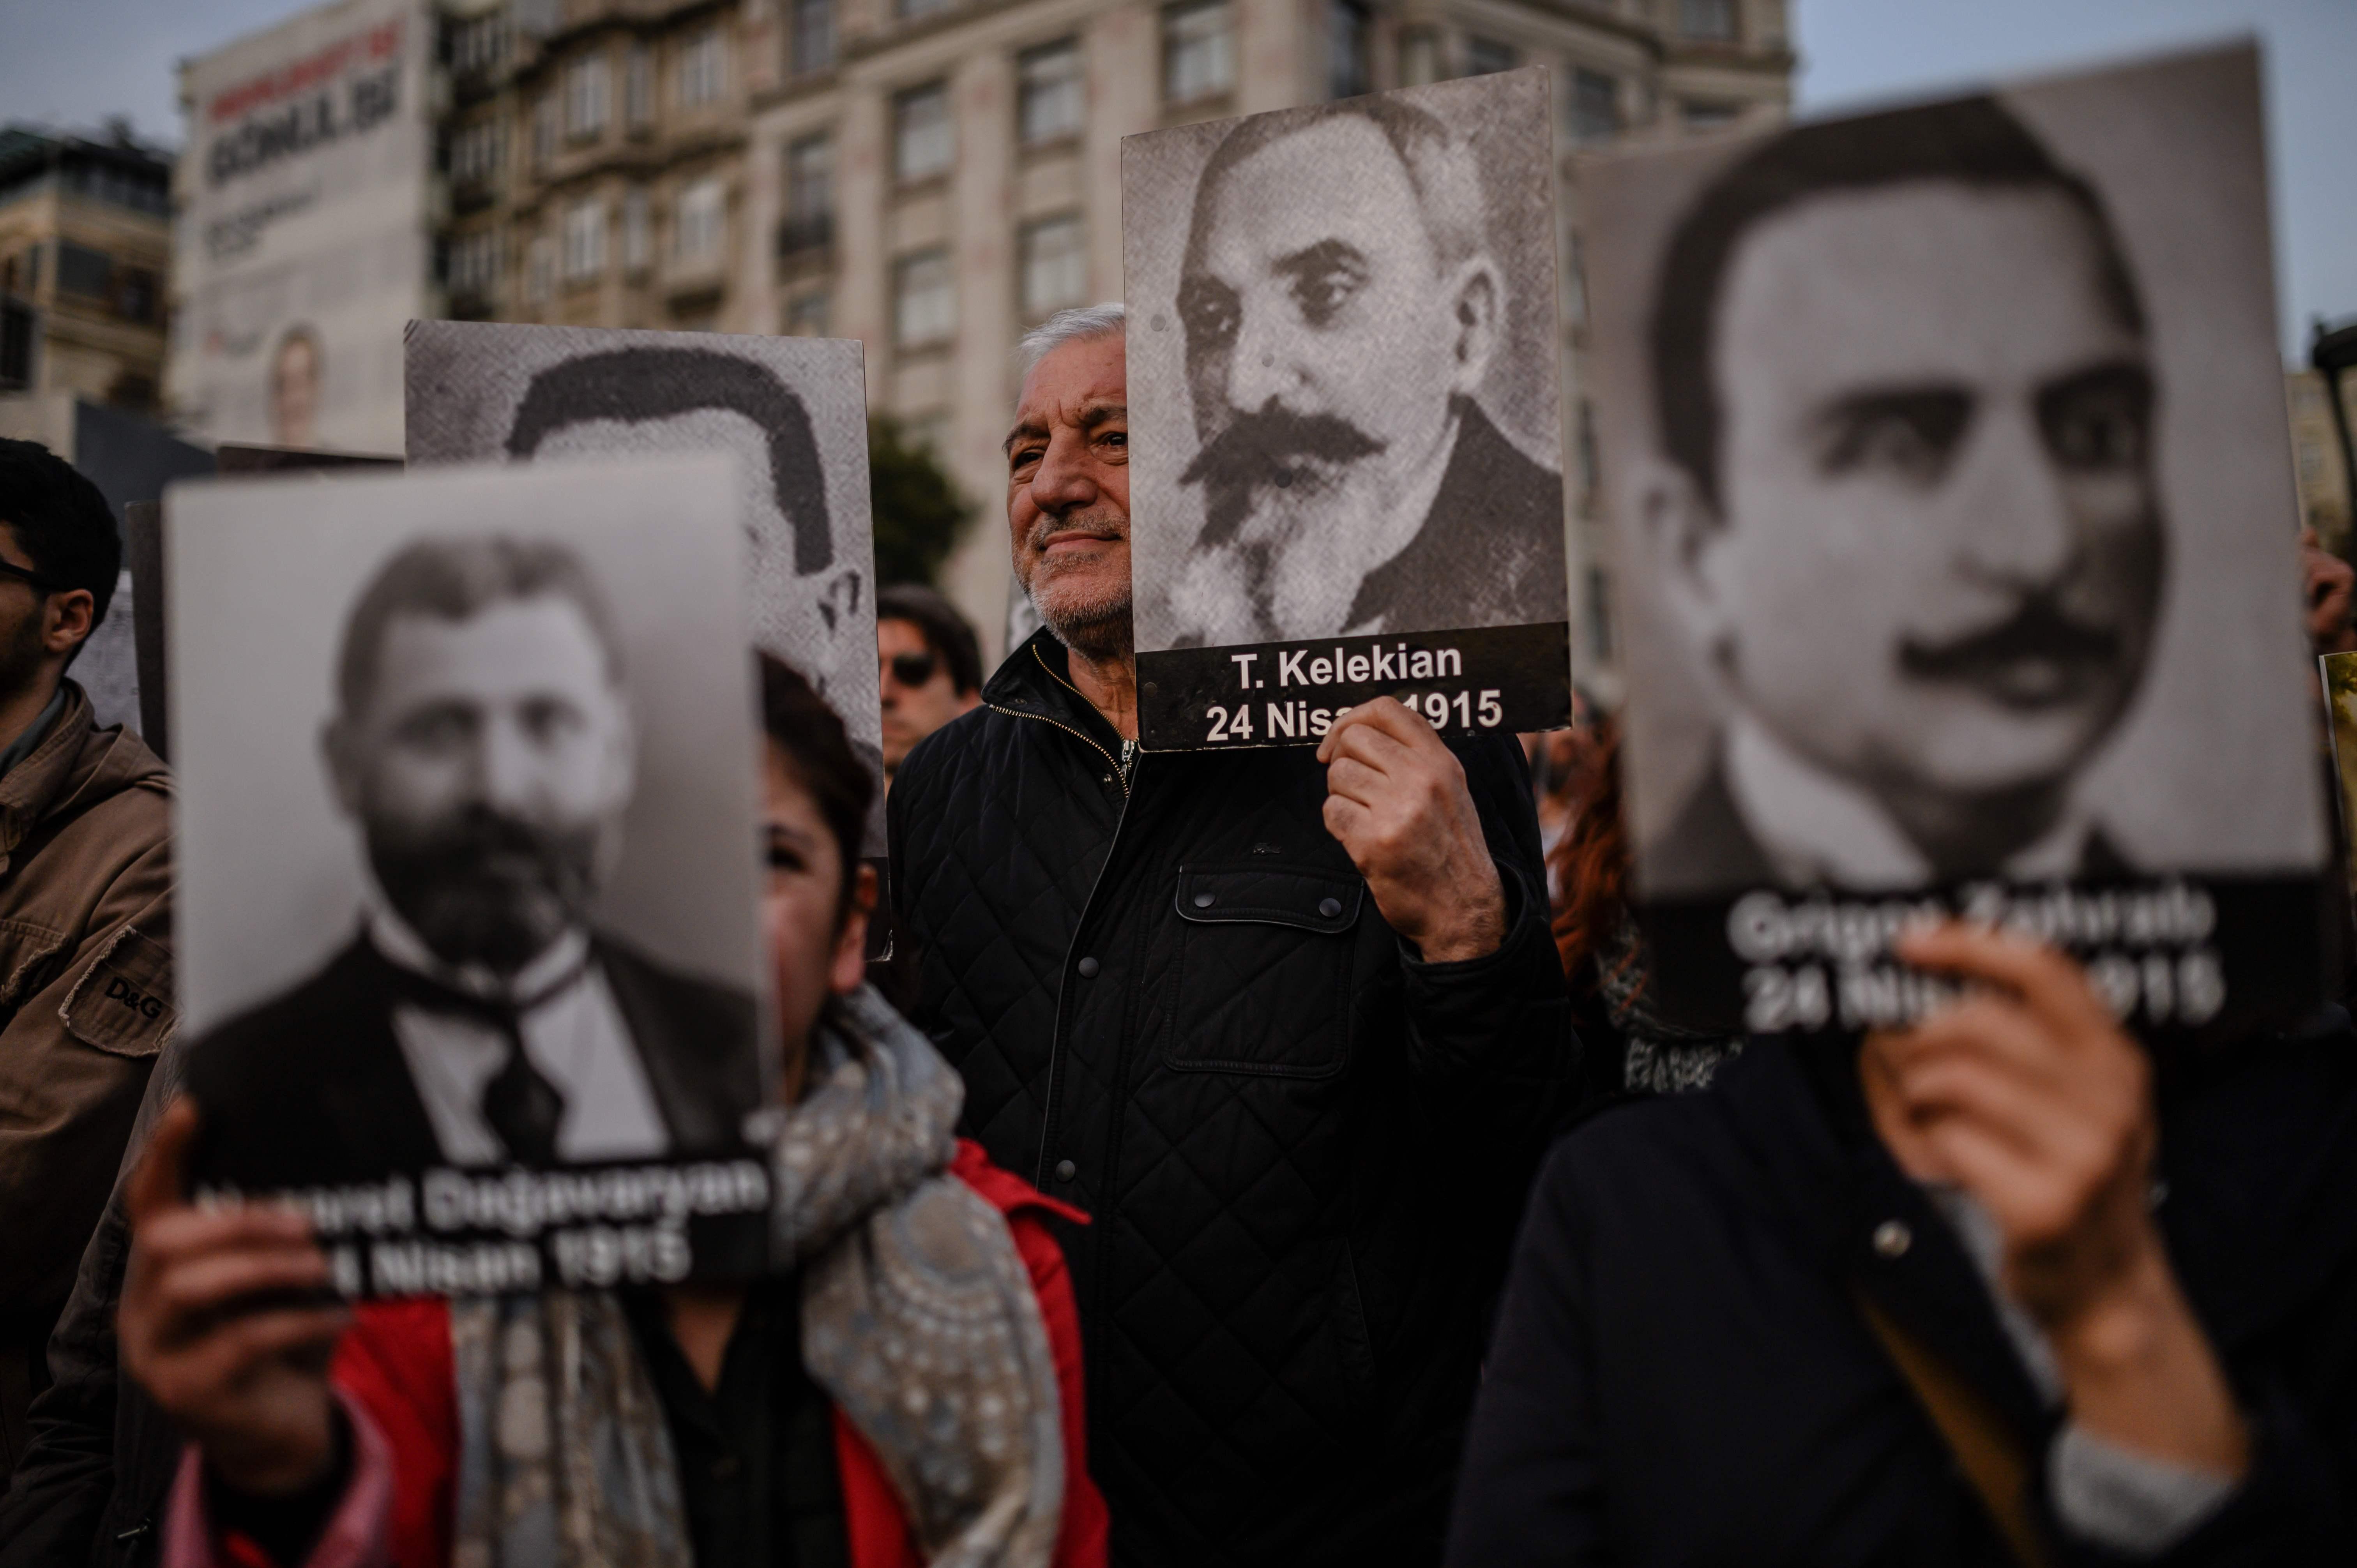 أرمنيون يحملون صور ذويهم المفكرين ضحايا المذبحة خلال مسيرة فى إسطنبول (أ.ف.ب)